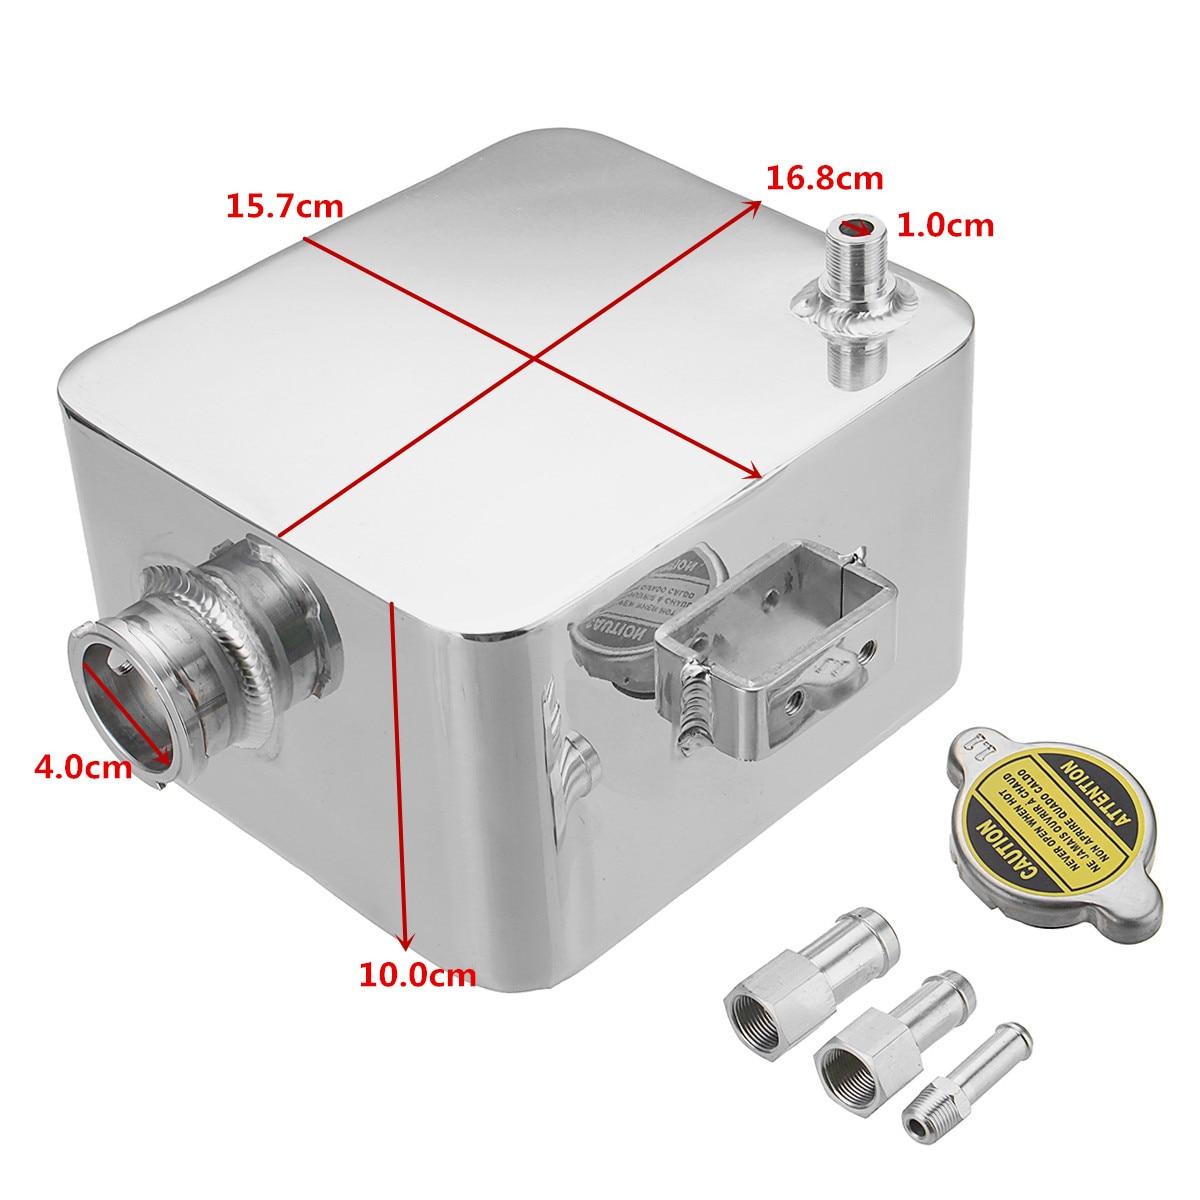 2.5L alliage aluminium réservoir d'eau liquide de refroidissement universel réservoir de débordement réservoir Kit refroidisseur Automobile voiture arrosoir vase d'expansion - 4